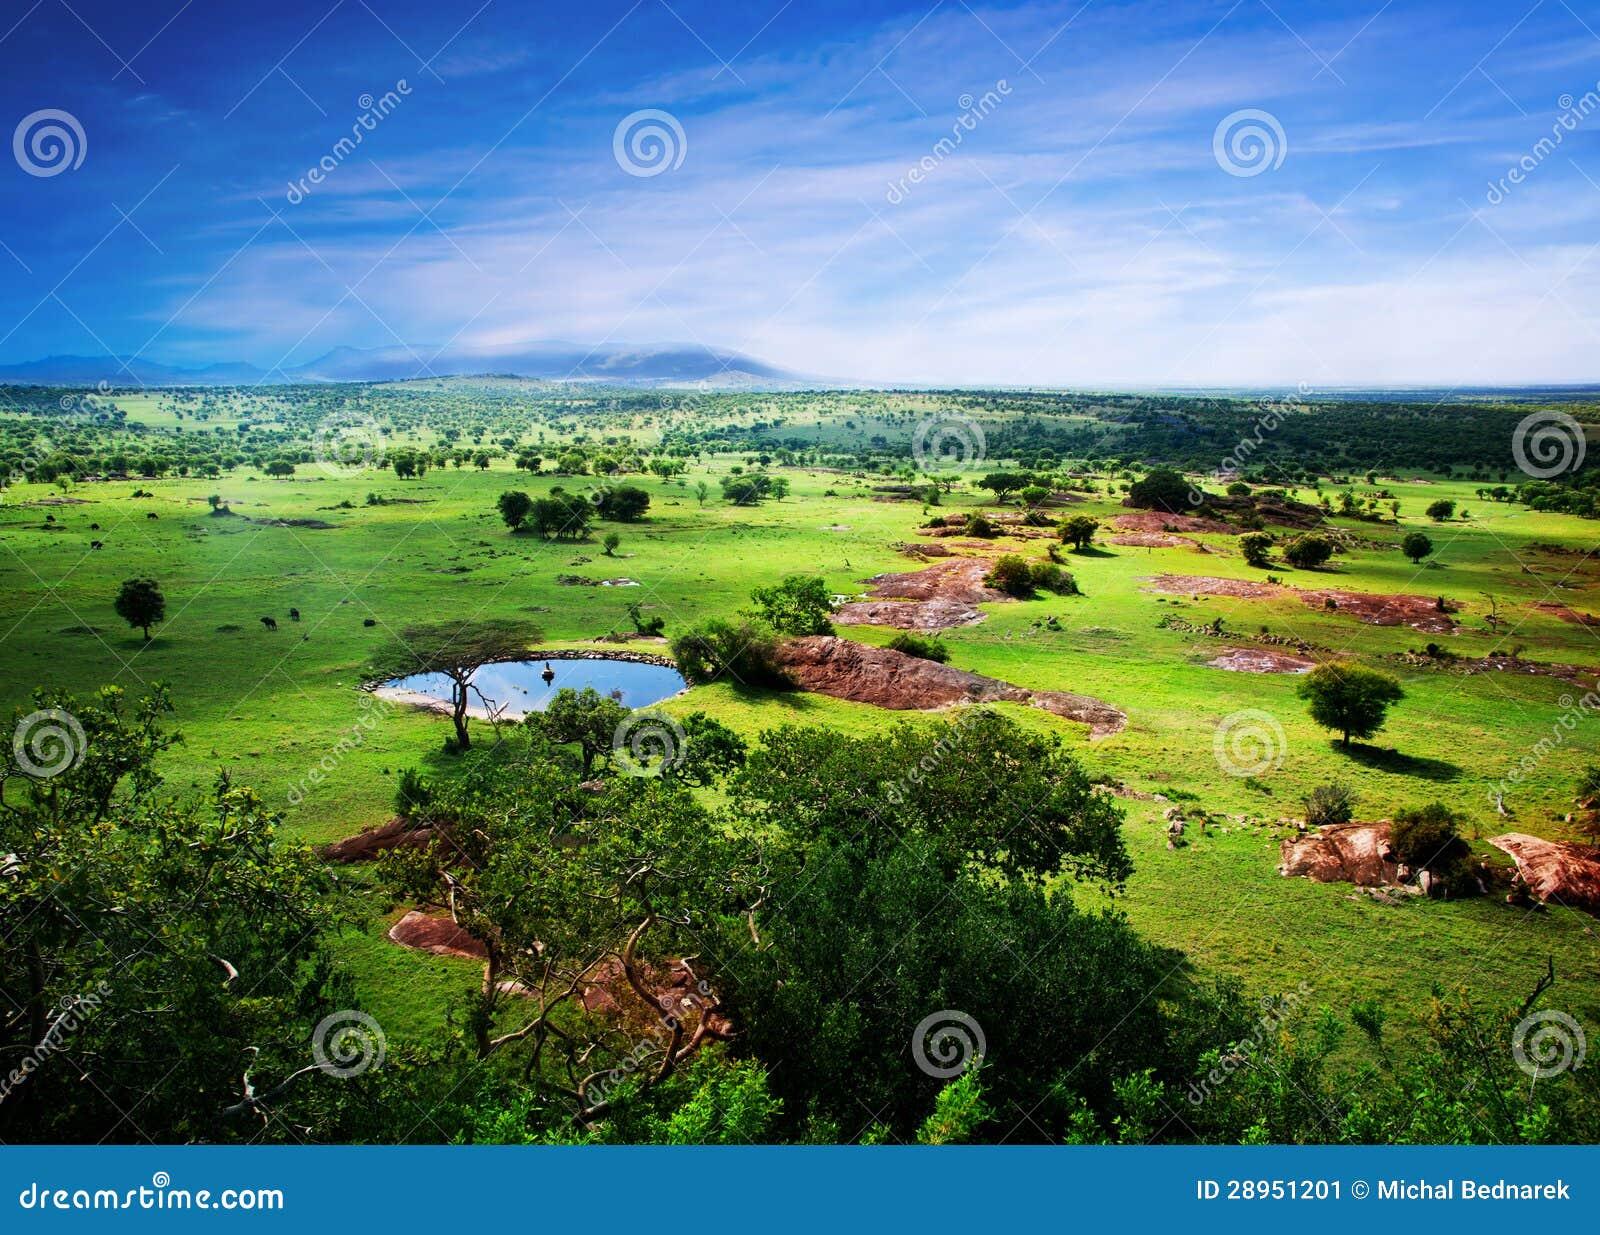 Savanna in bloom, in Tanzania, Africa panorama